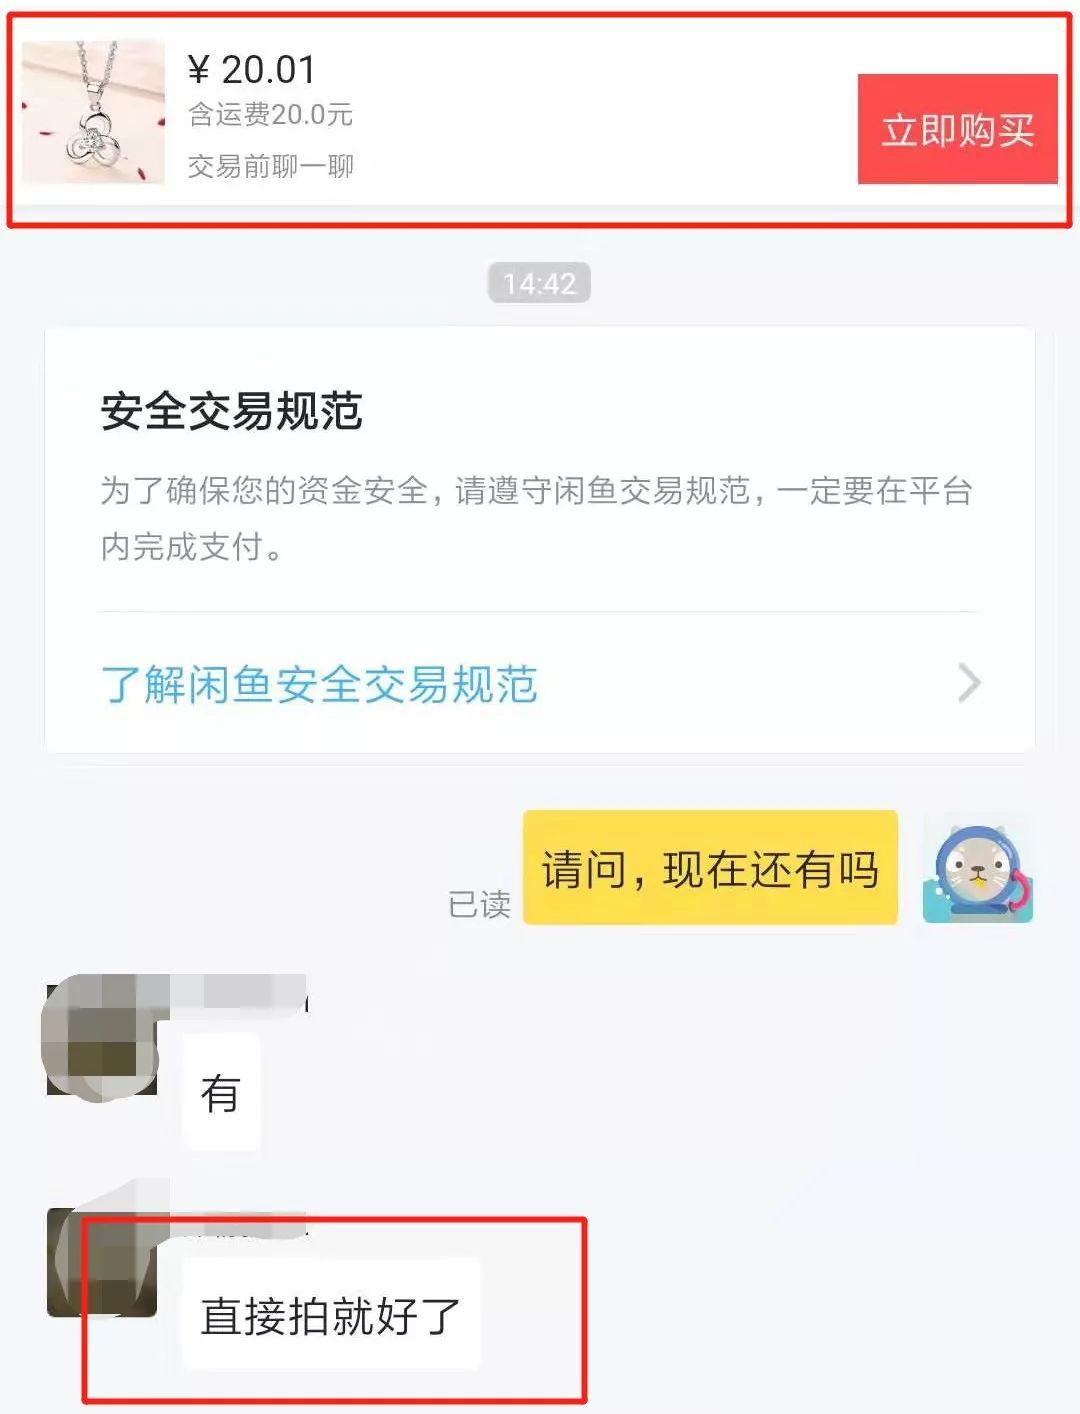 闲鱼卖货月入6000+技巧 闲鱼卖货技巧 咸鱼怎么卖货 第7张